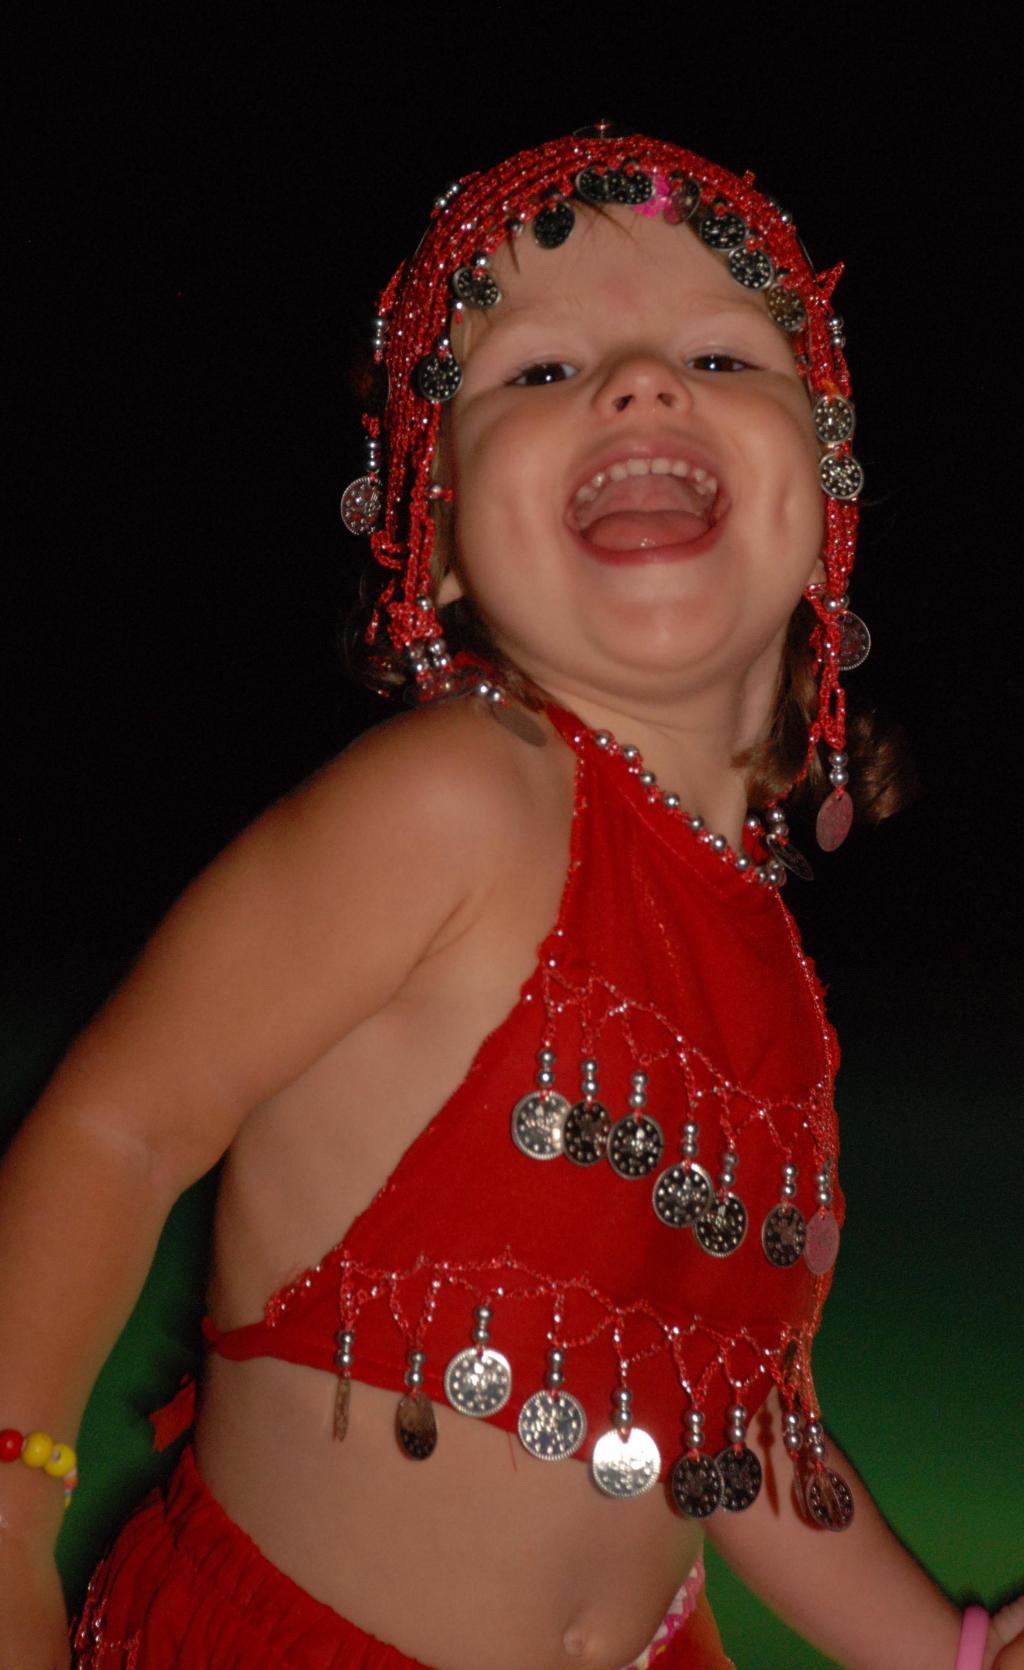 Маленькая турчанка. Время улыбаться